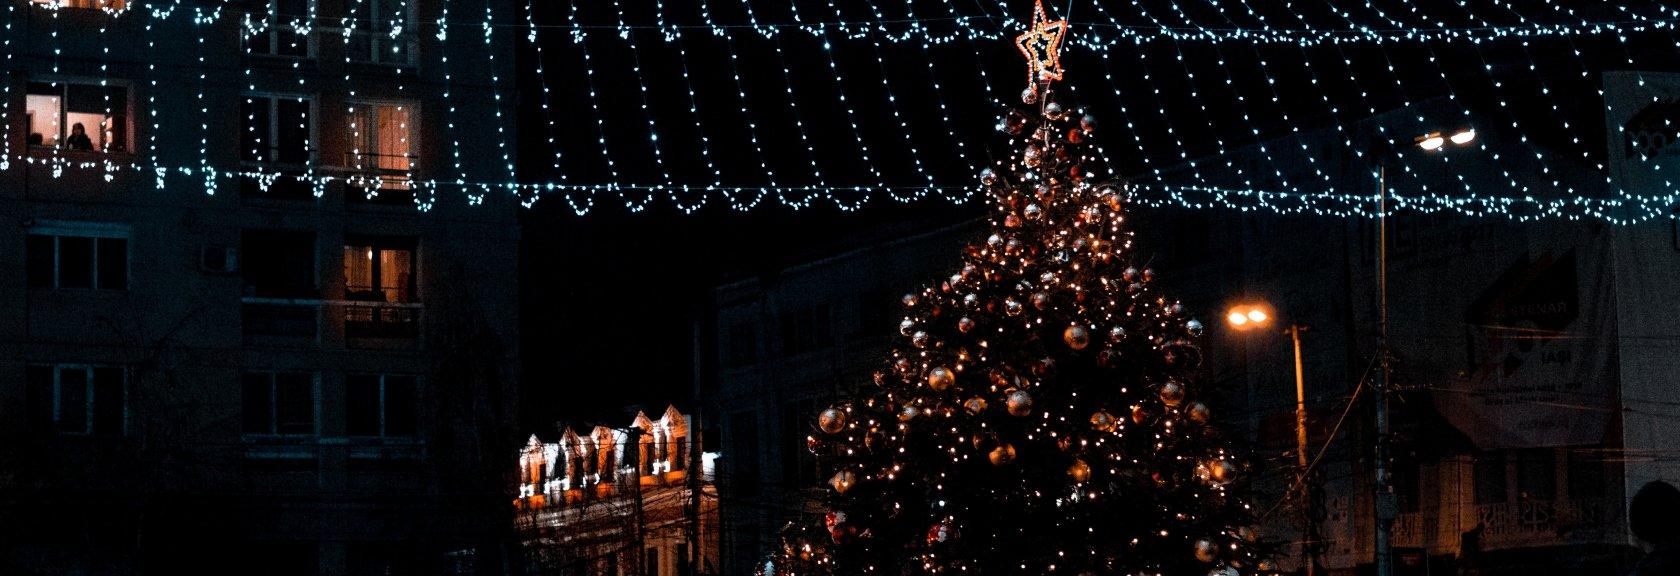 5 rzeczy, które warto zobaczyć w Warszawie, jeśli chcesz poczuć świąteczny klimat